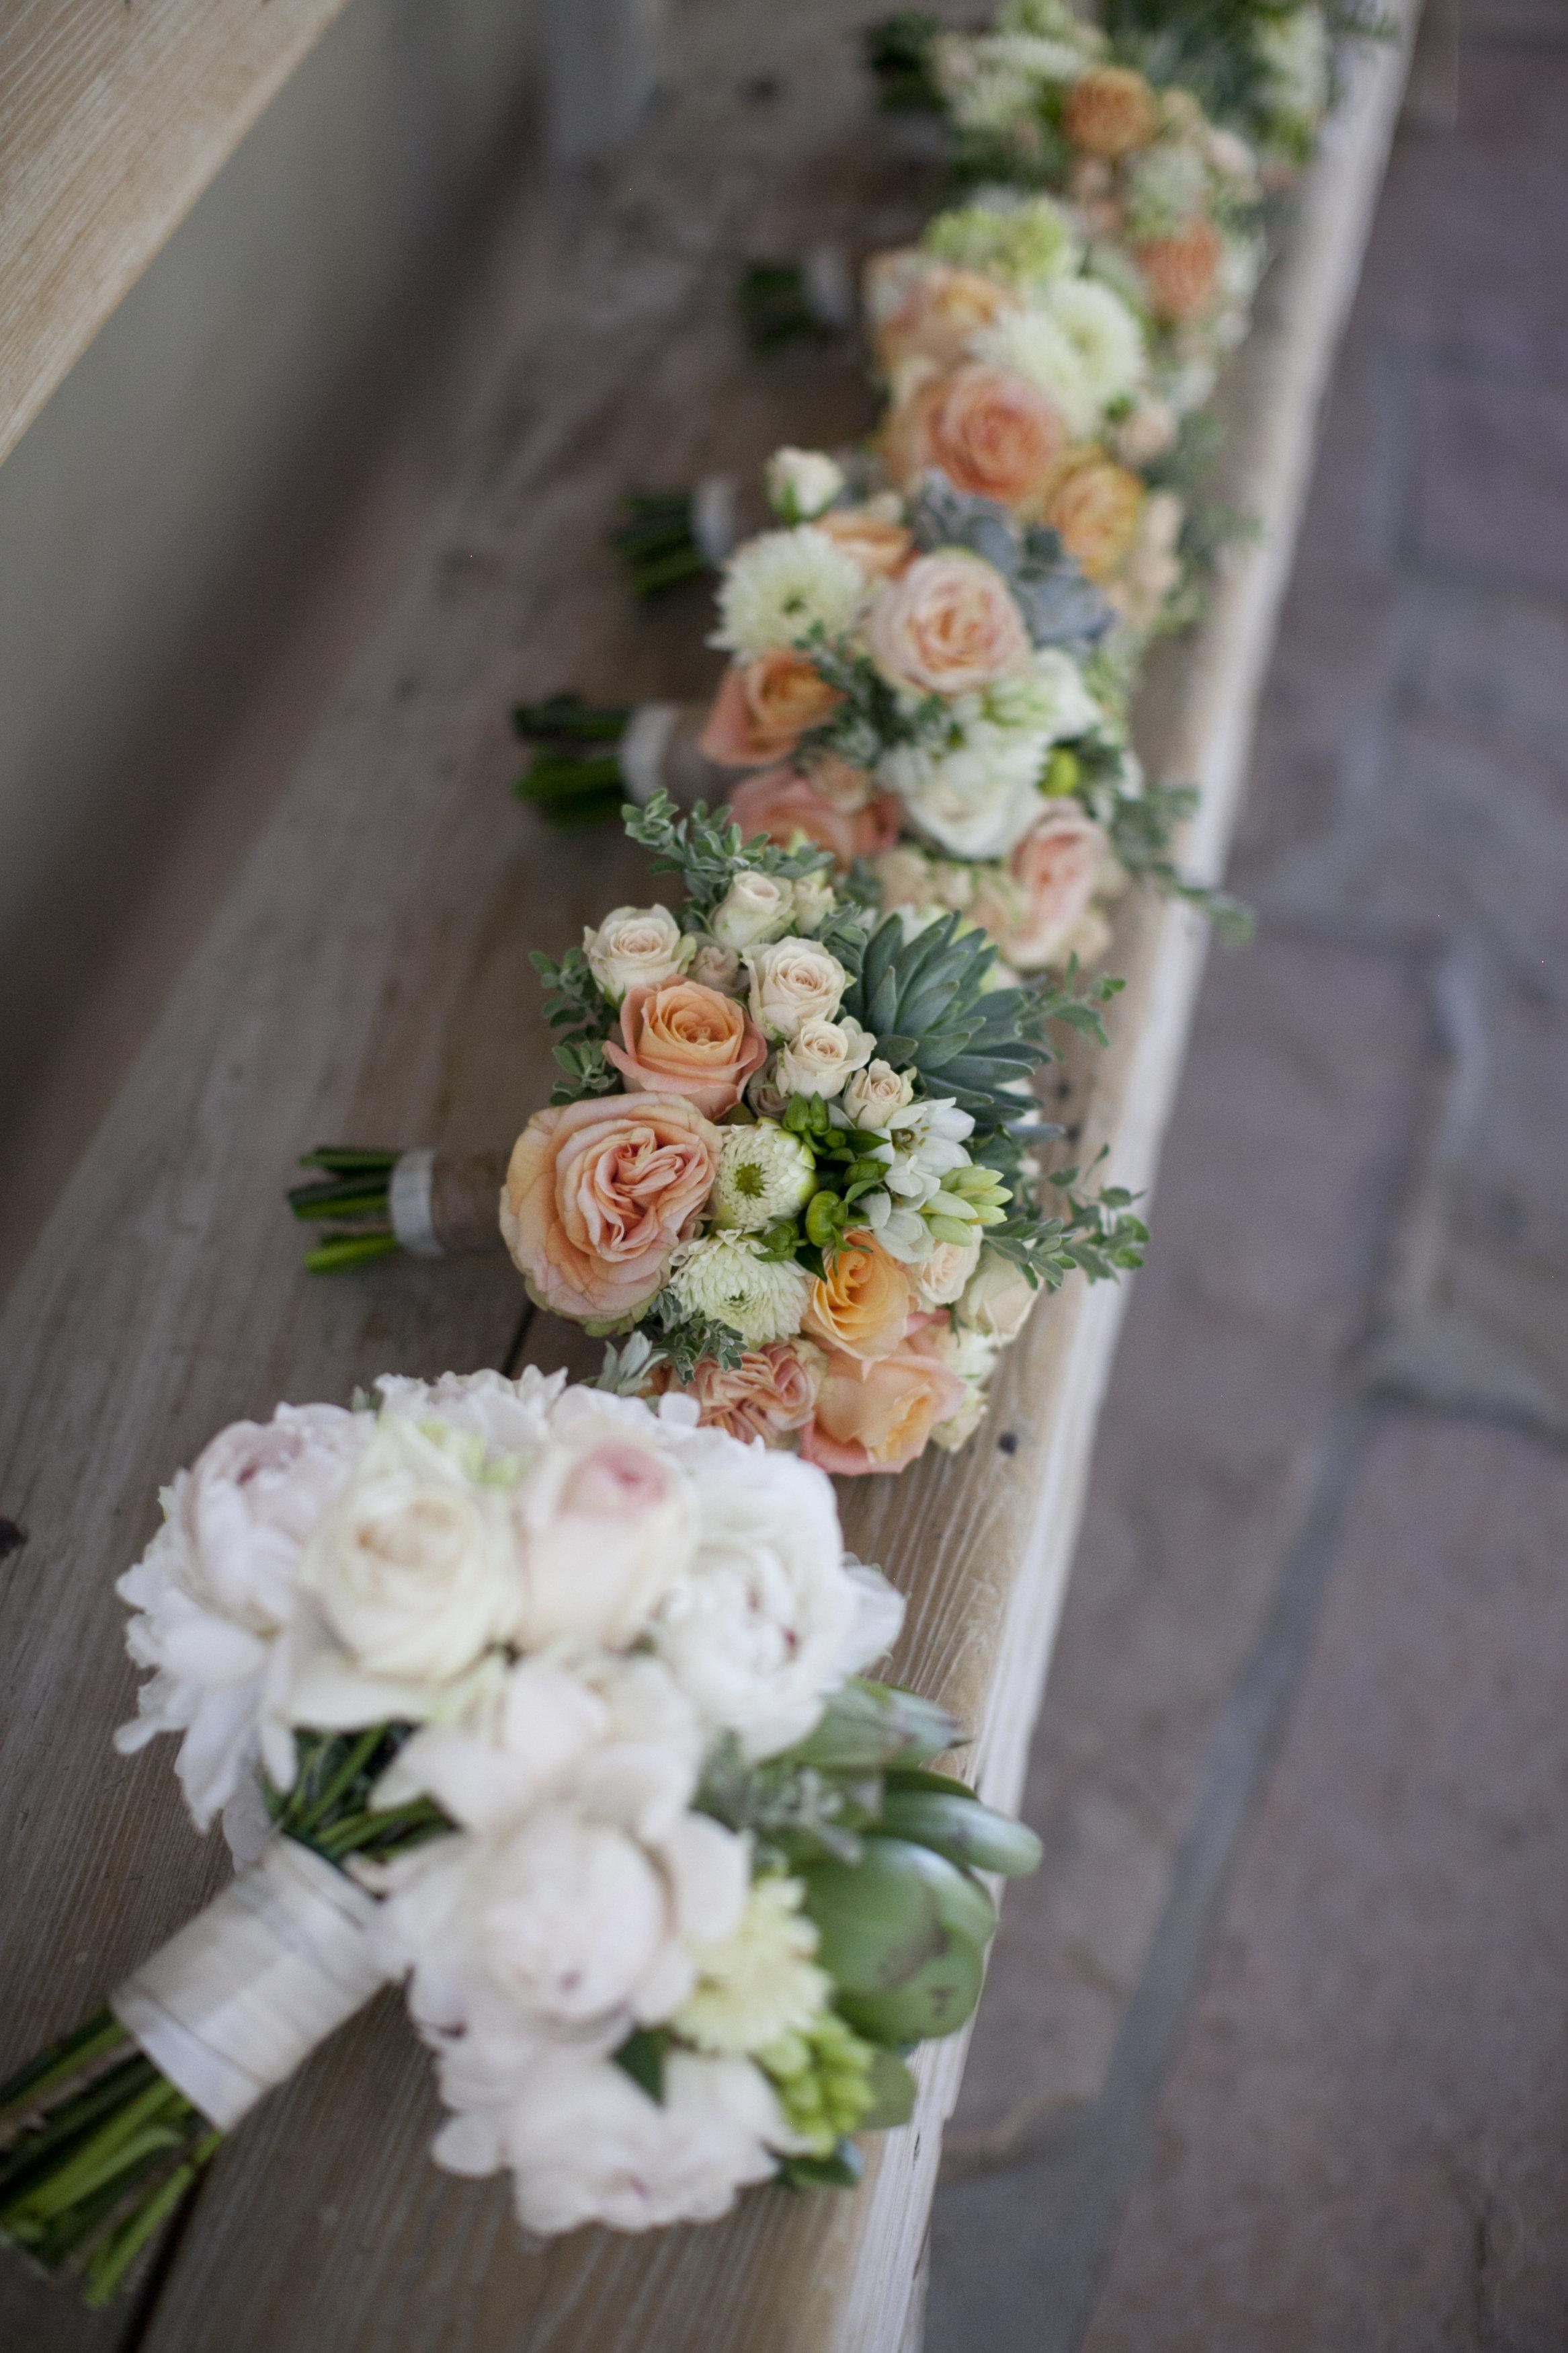 Ceci_New_York_Ceci_Style_Ceci_Johnson_Luxury_Lifestyle_Arizona_Wedding_Watercolor_Inspiration_Design_Custom_Couture_Personalized_Invitations_67.jpg